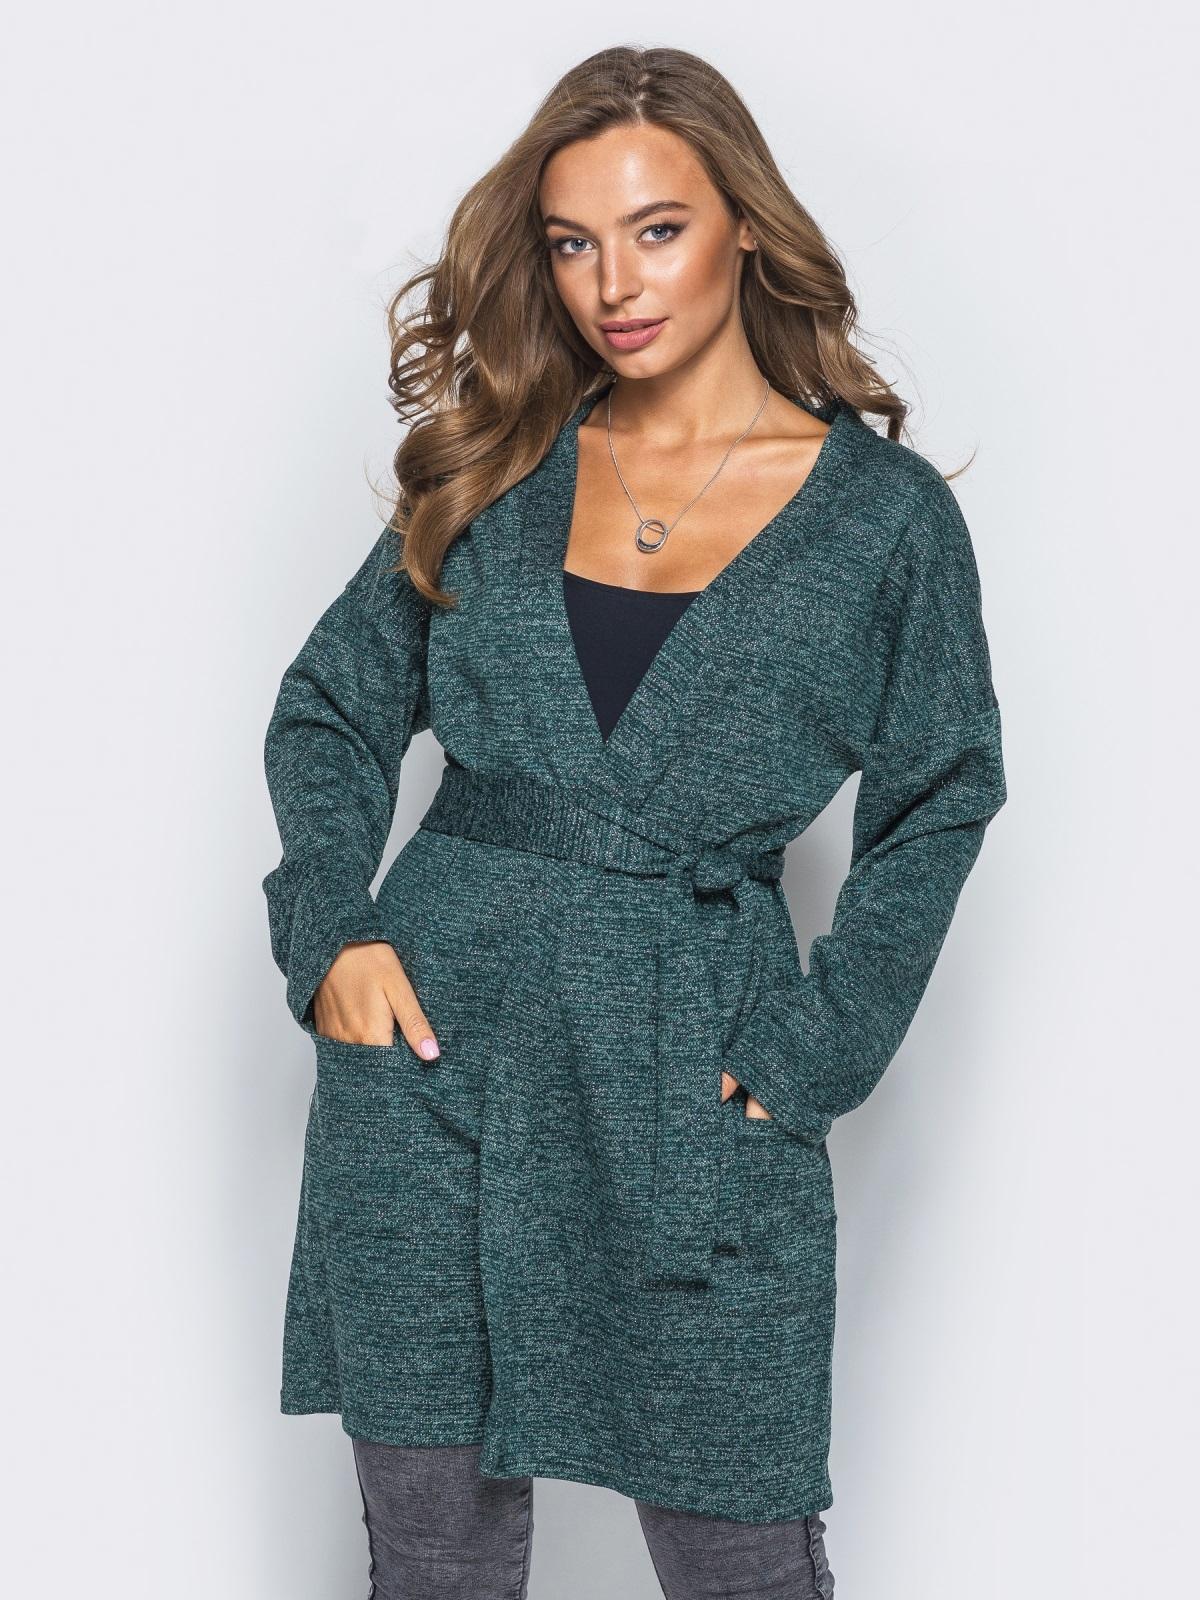 Кардиган с нитью люрекса и накладными карманами зелёный - 16333, фото 1 – интернет-магазин Dressa